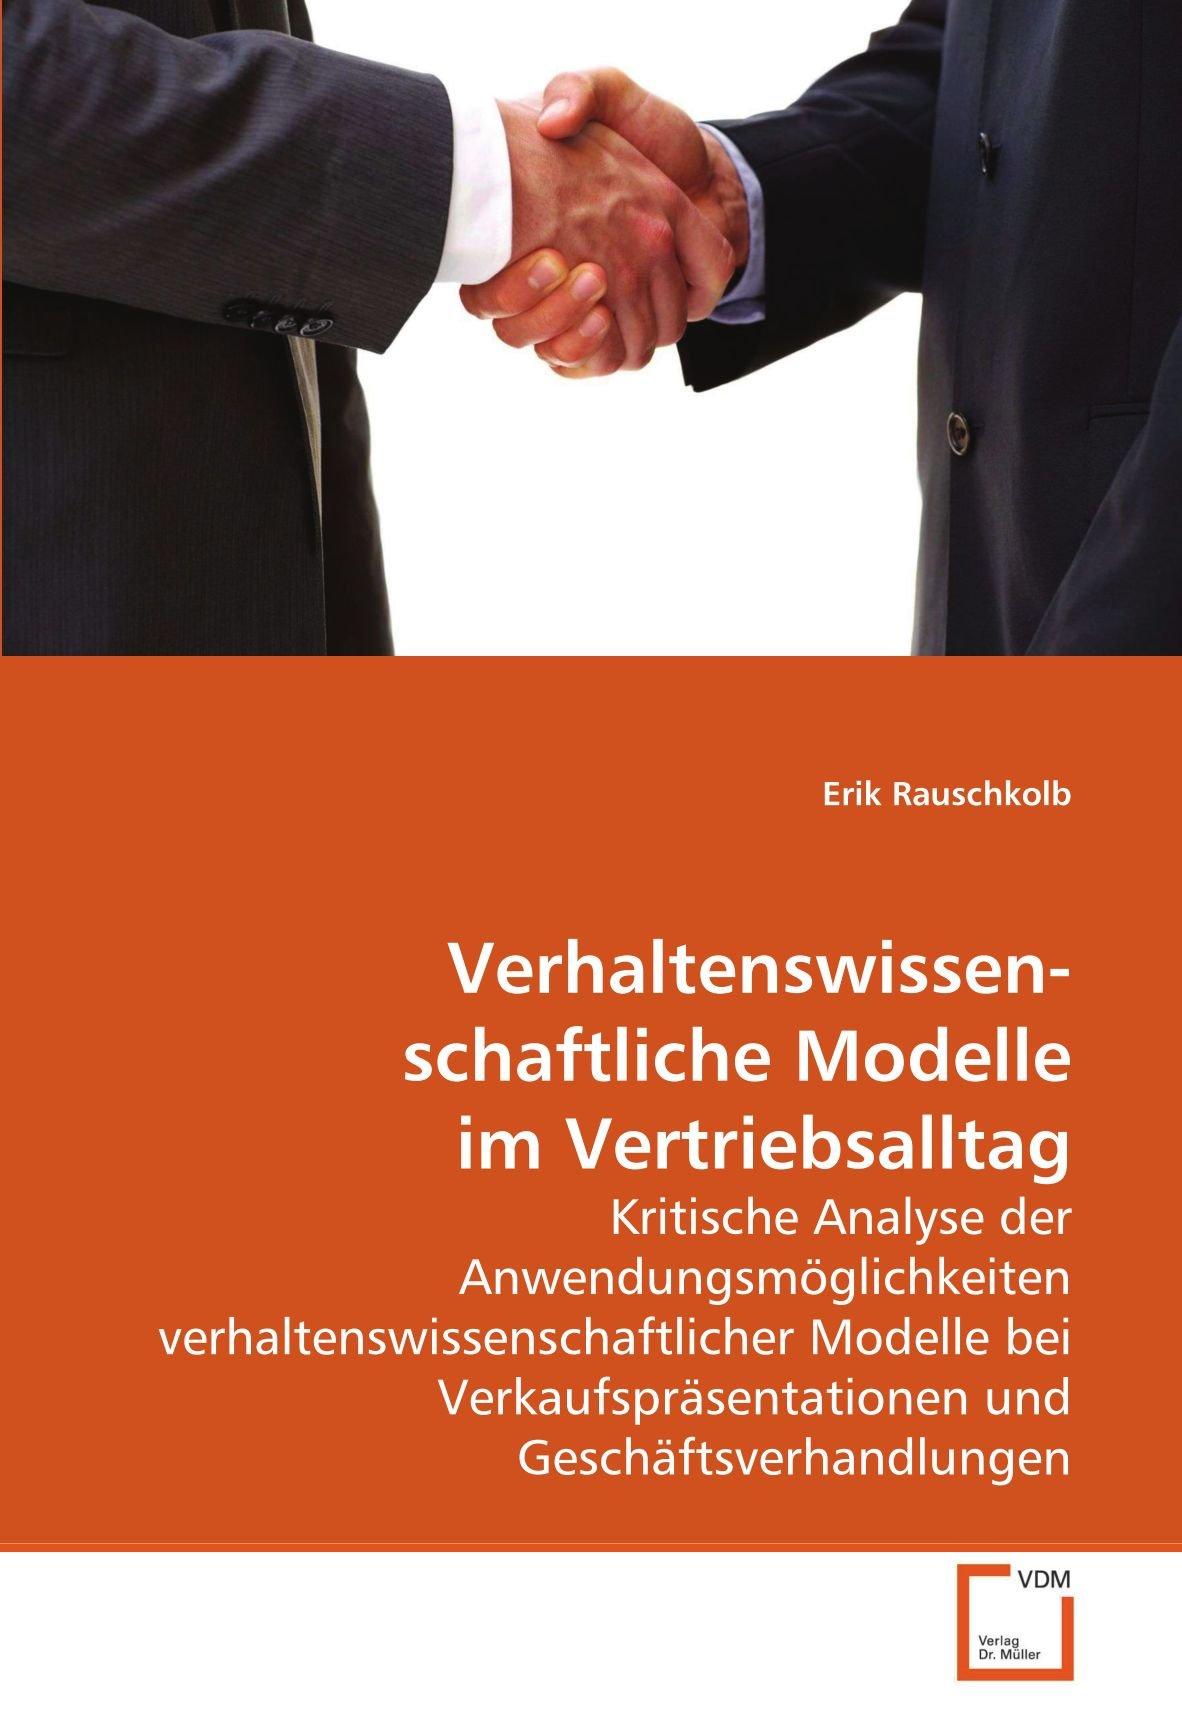 Verhaltenswissenschaftliche Modelle im Vertriebsalltag: Kritische Analyse der Anwendungsmöglichkeiten verhaltenswissenschaftlicher Modelle bei Verkaufspräsentationen und Geschäftsverhandlungen